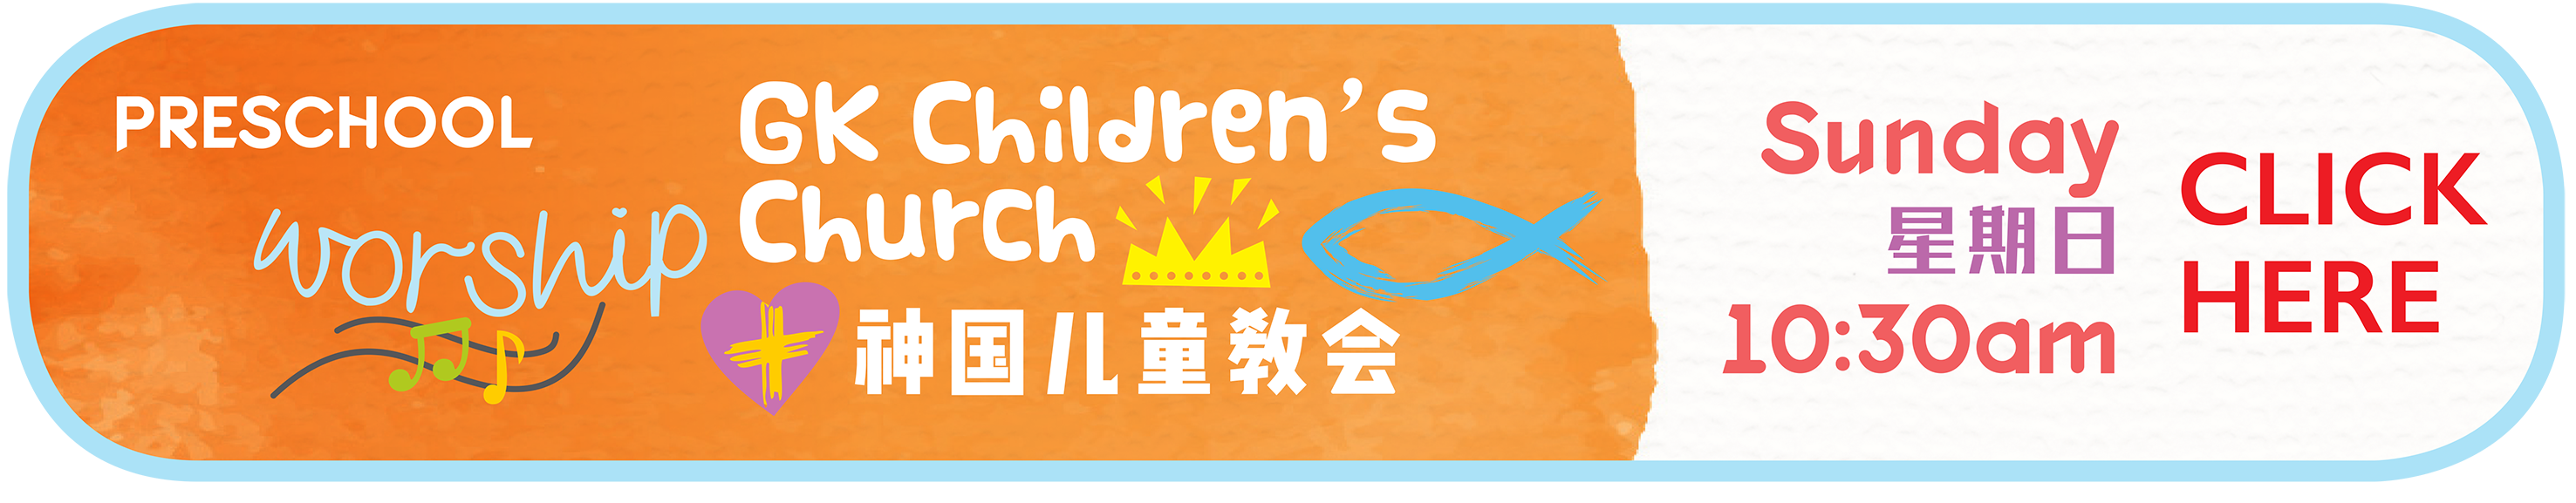 Preschool CCWeb3